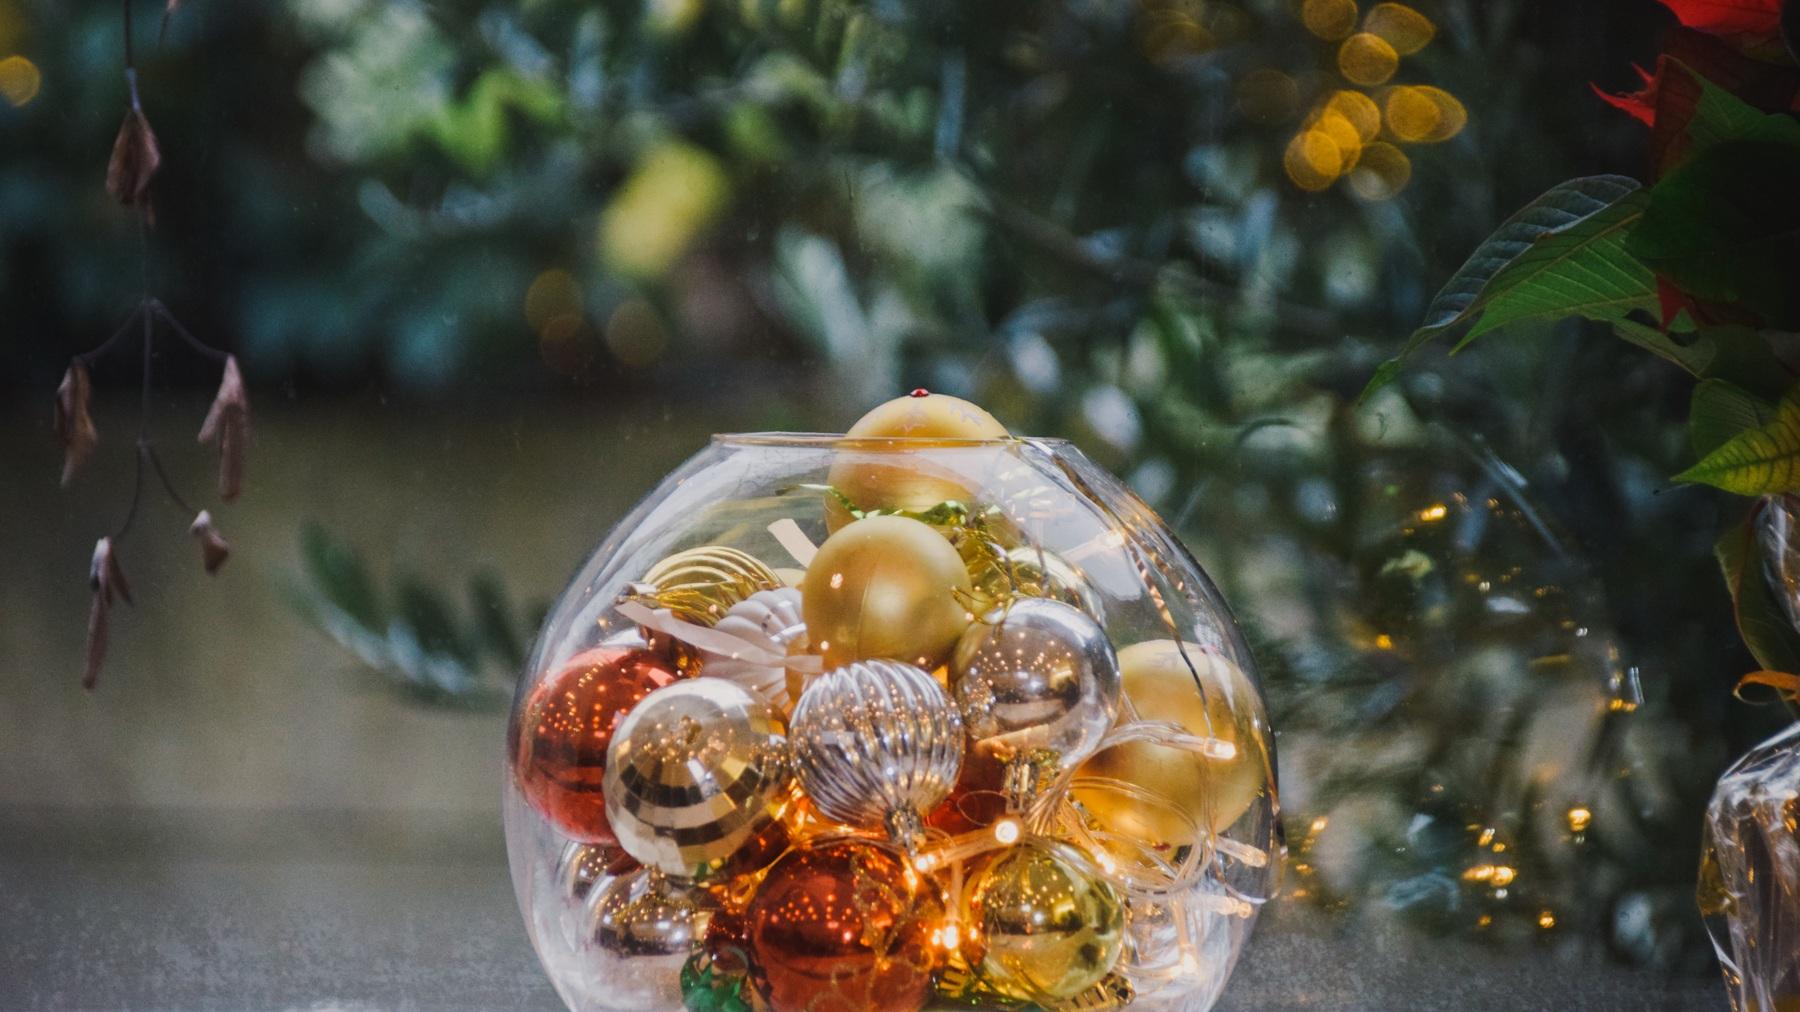 Celebrating Christmas -